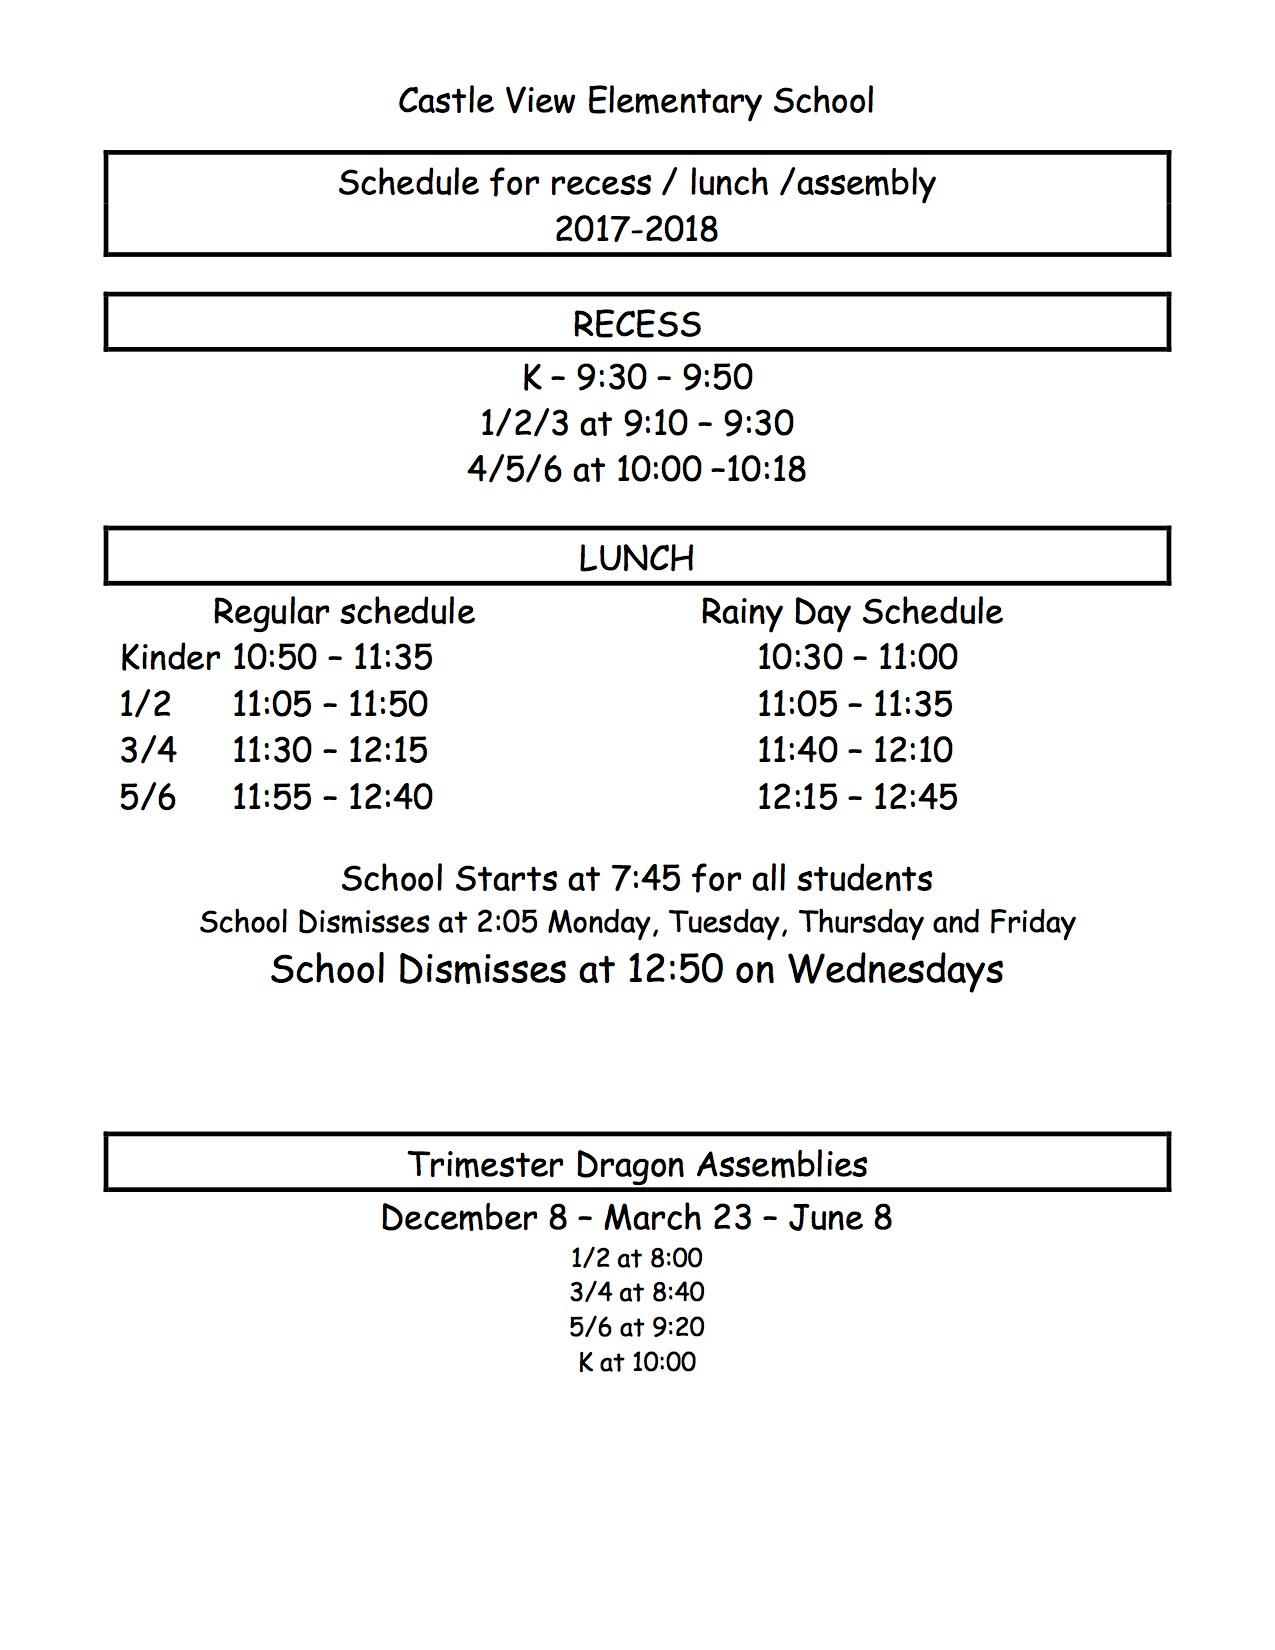 Bell Schedule – Castle View Elementary Regarding Victorville School District Class Schedule